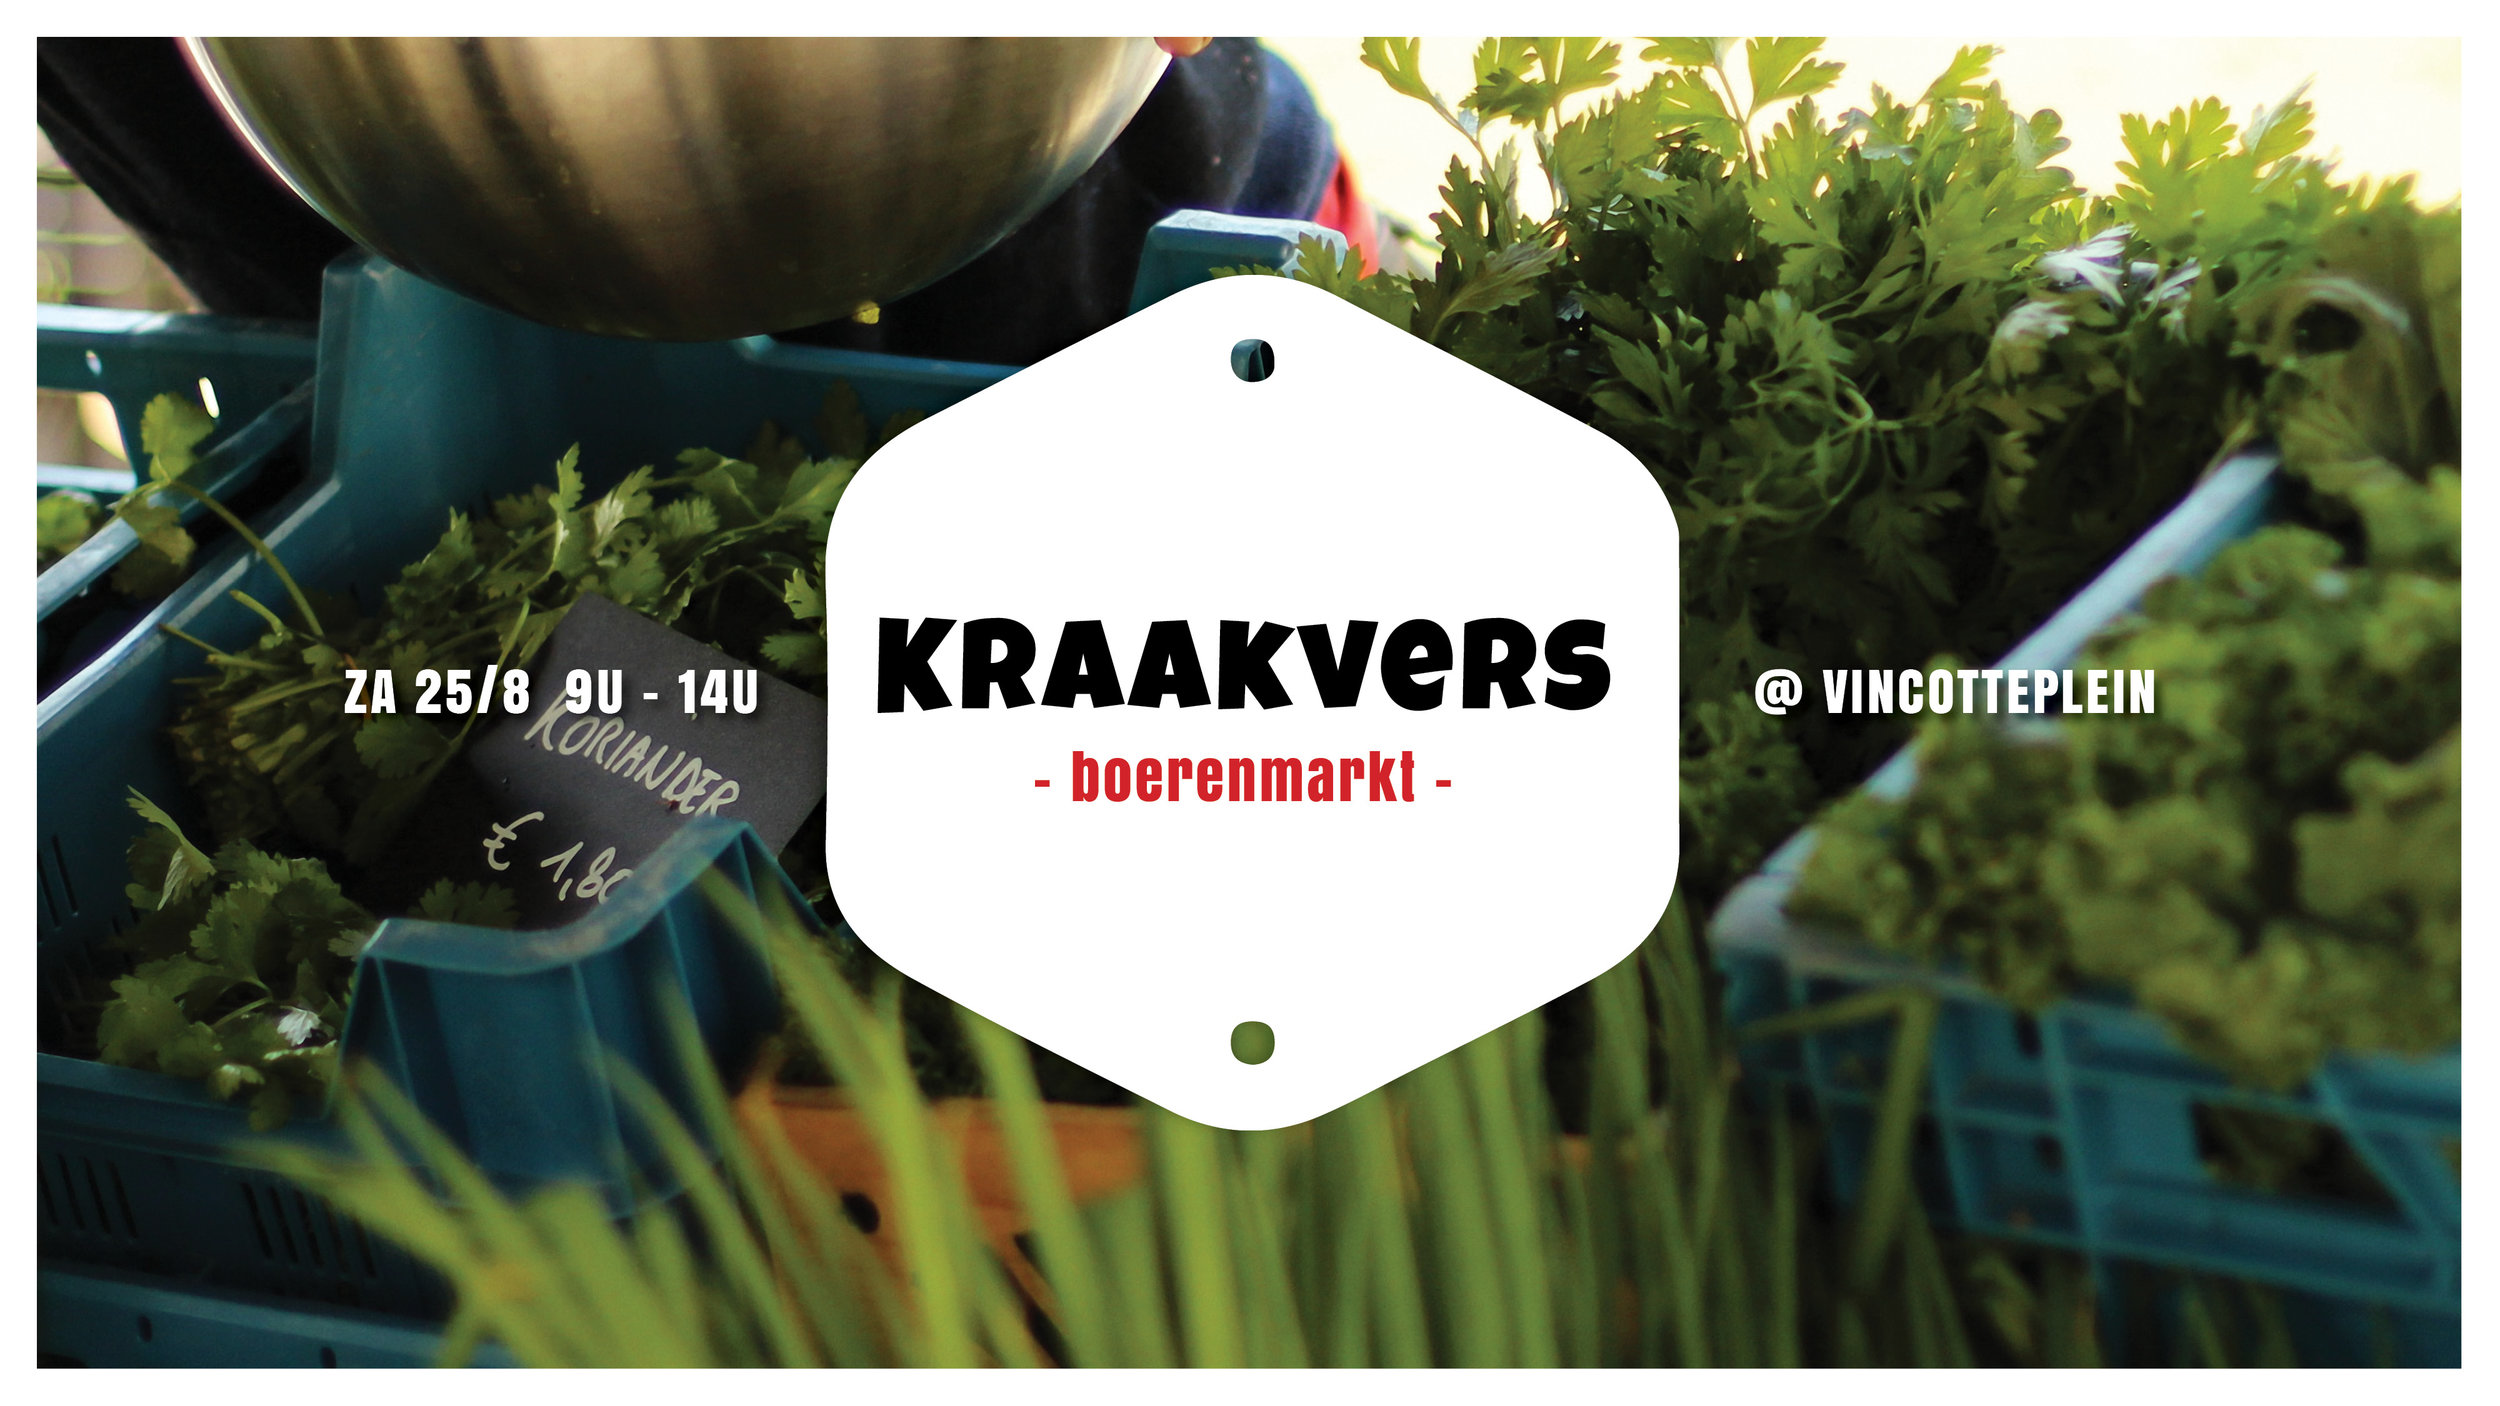 05-kraakvers-#4-fb-event-v2 (1).jpg